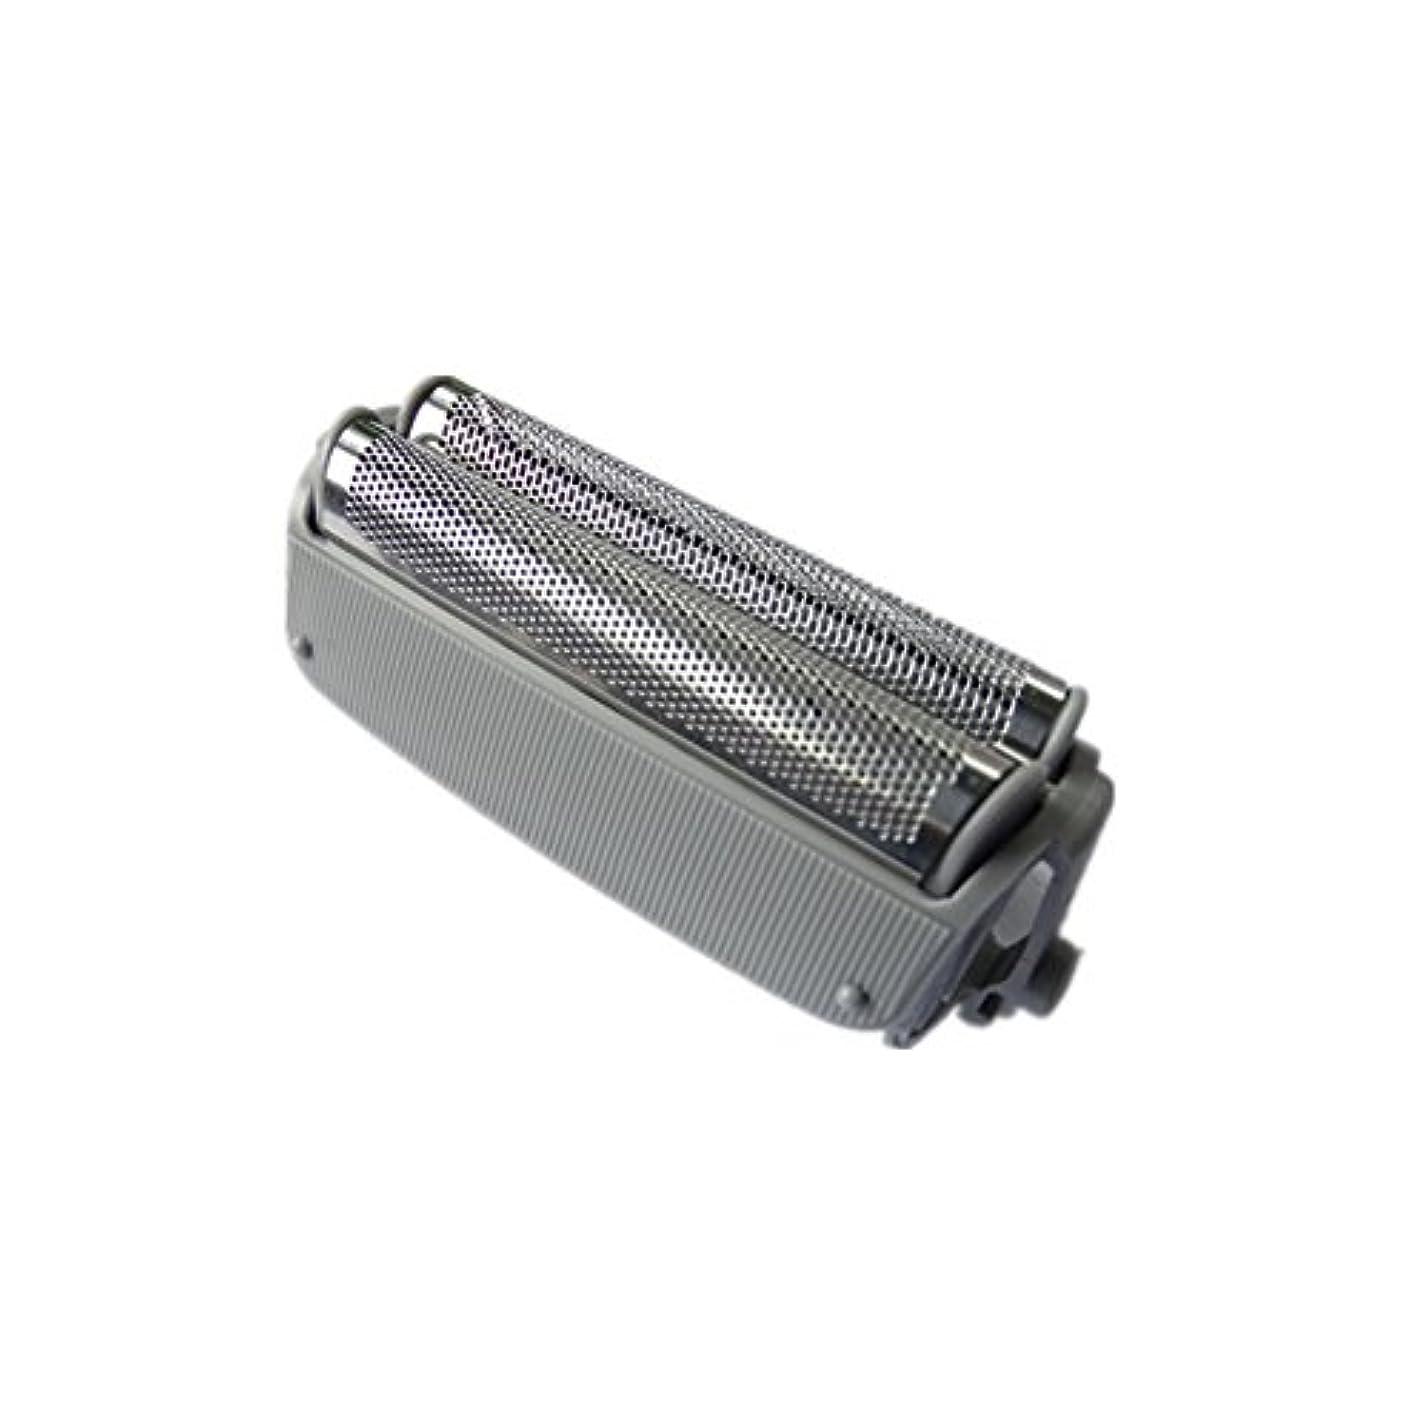 ロデオ従順化石HZjundasi Replacement Shaver Outer ホイル for Panasonic?ES4033/4035/4036/4027/RW30